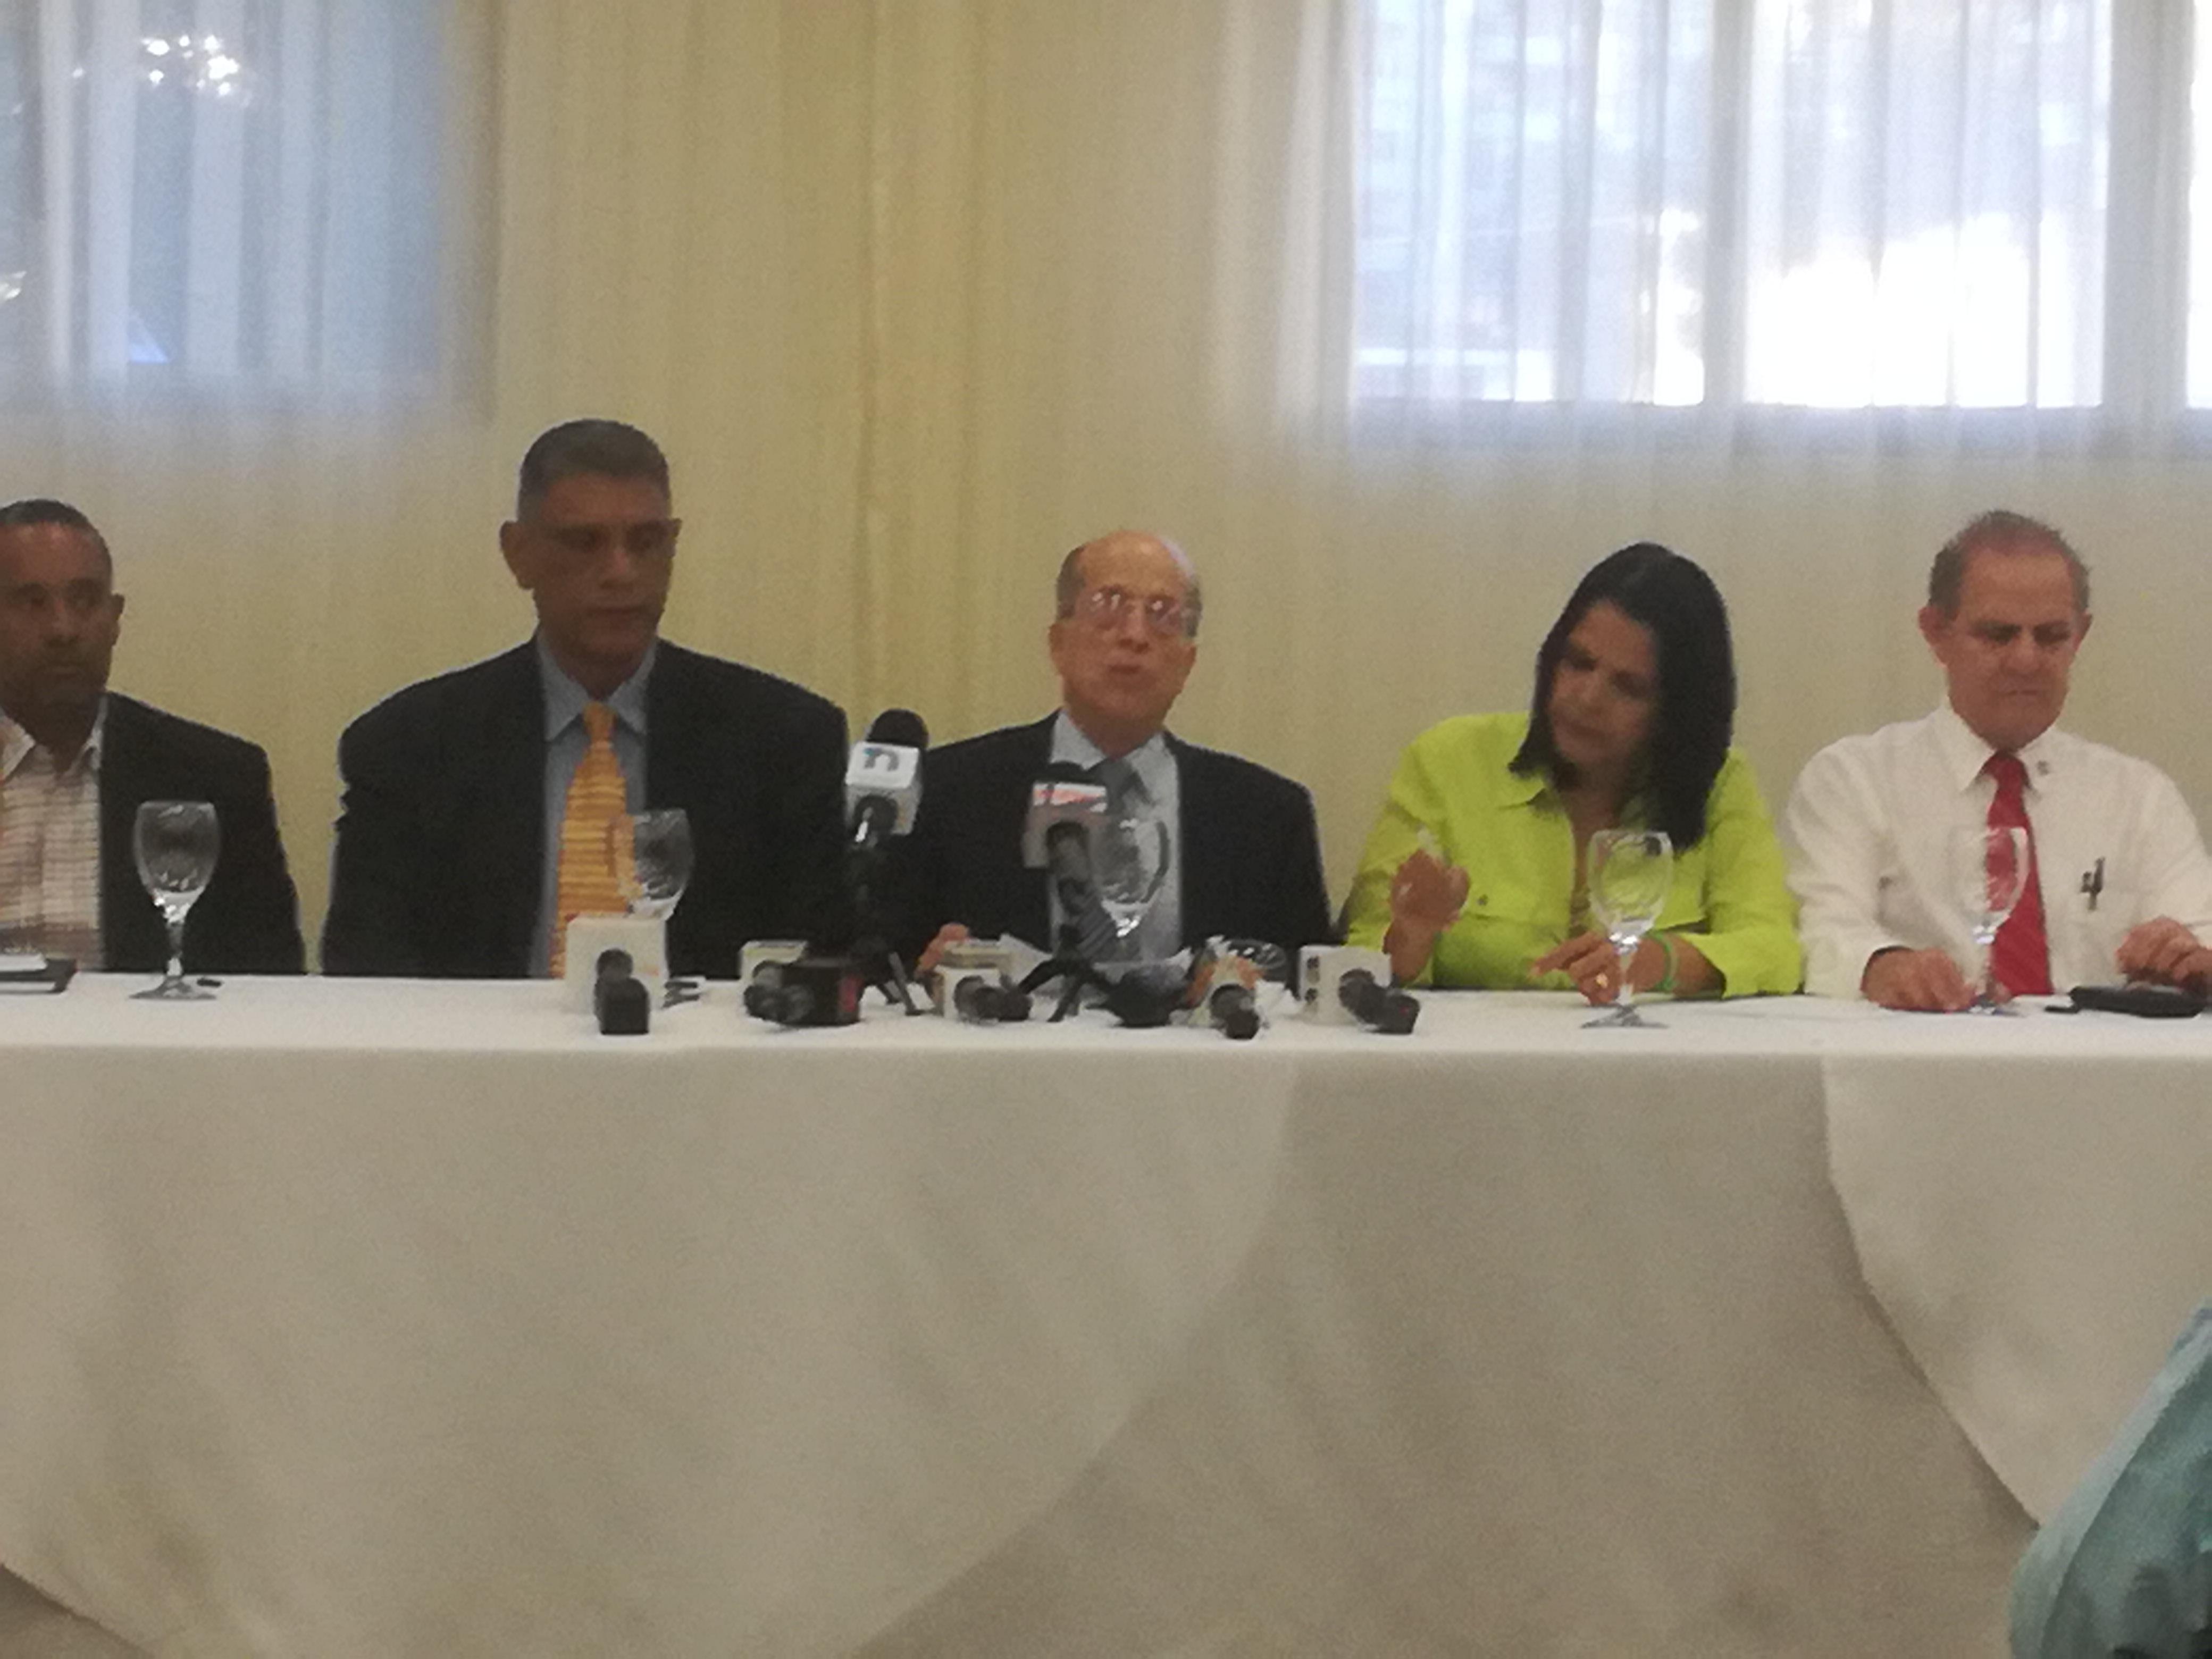 Bloque de Oposición demanda de la JCE sometimiento a responsables y a empresa INDRA por estafa